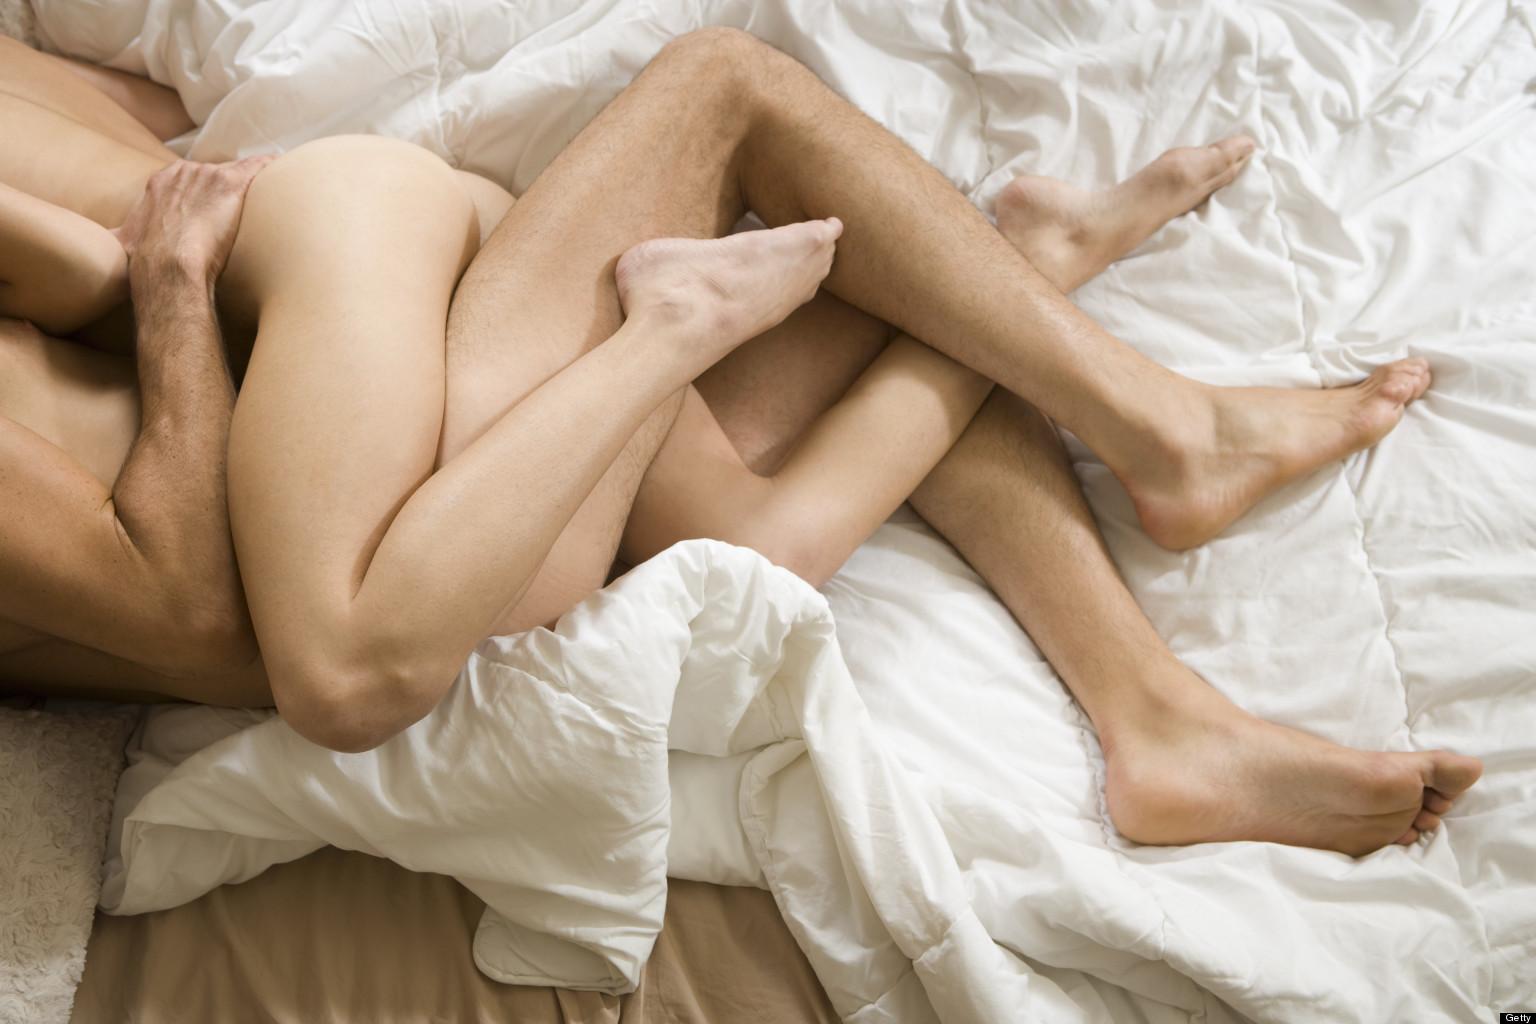 Равноценный сексуальный обмен в постели 16 фотография